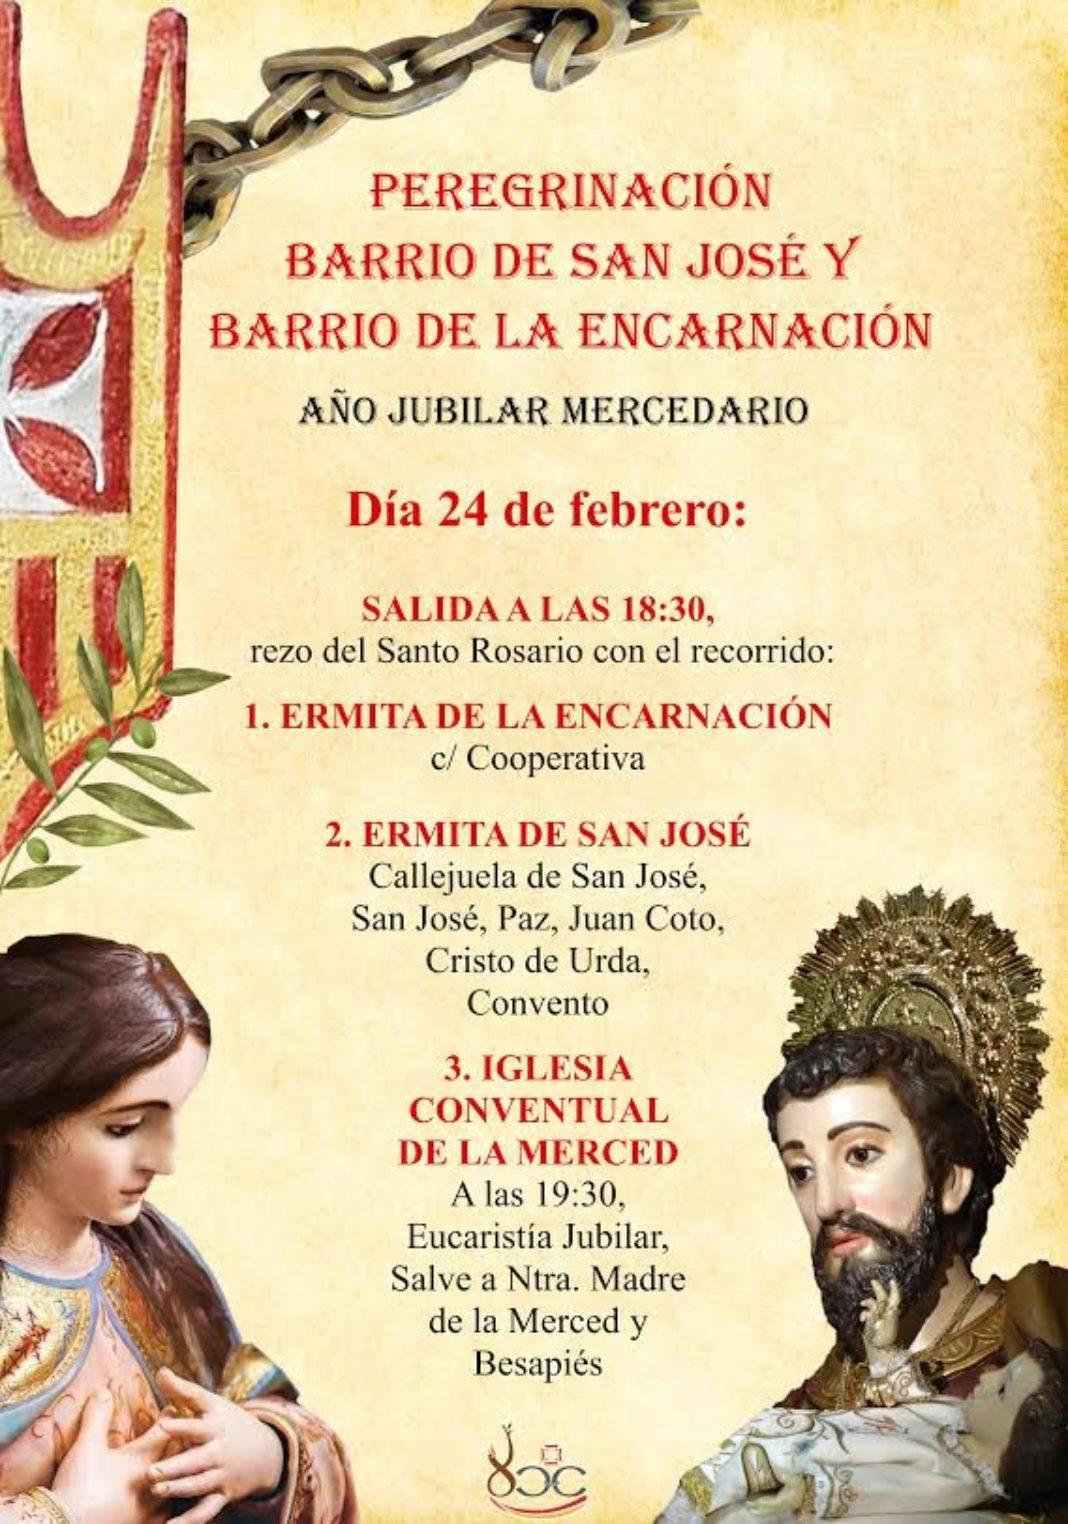 peregrinacion de barrio mercedaria 1068x1524 - Peregrinación jubilar mercedaria de los barrios de san José y la Encarnación